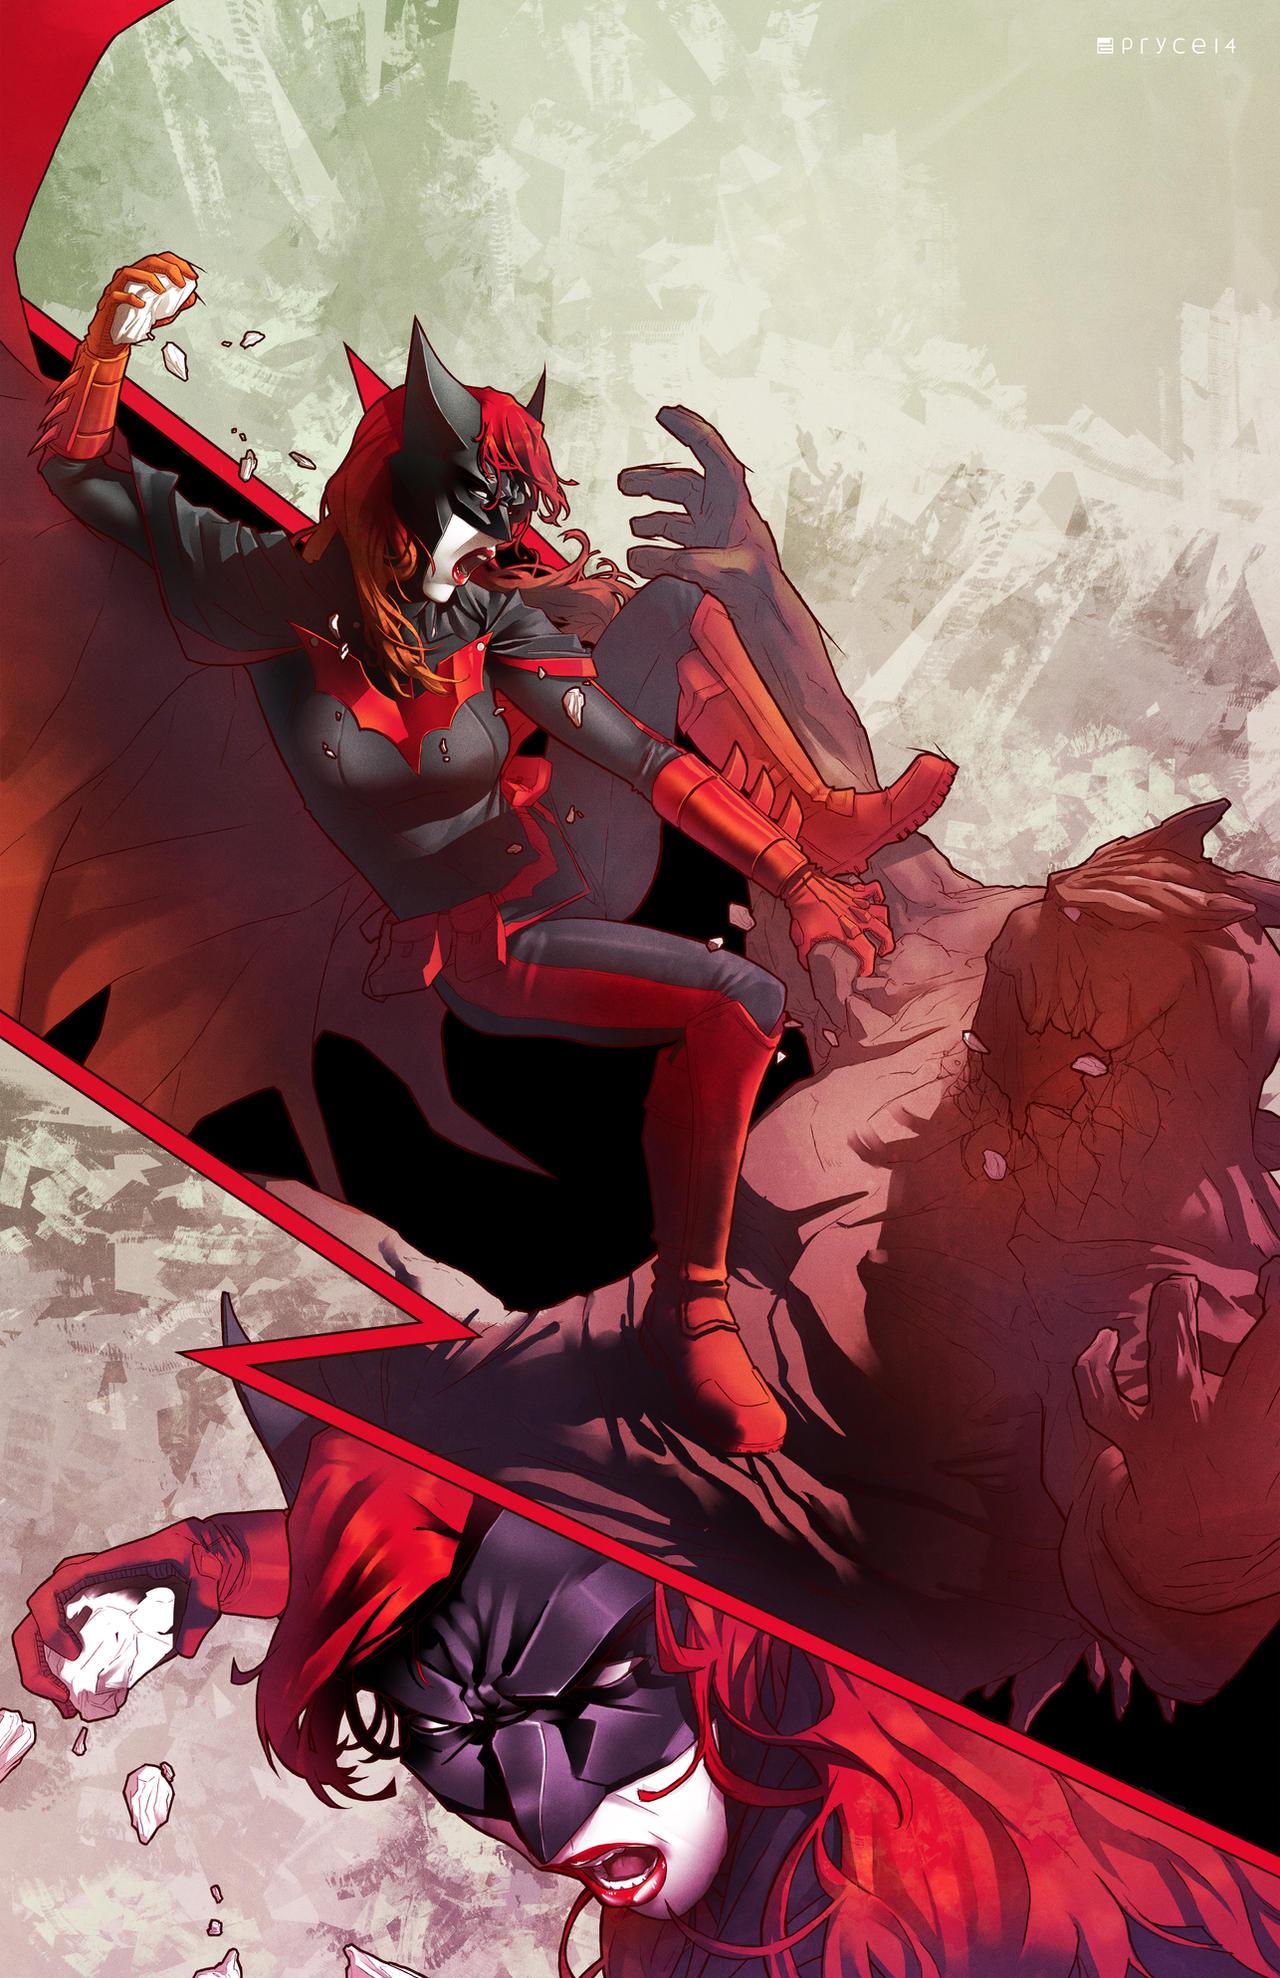 FaH - Batwoman by Pryce14